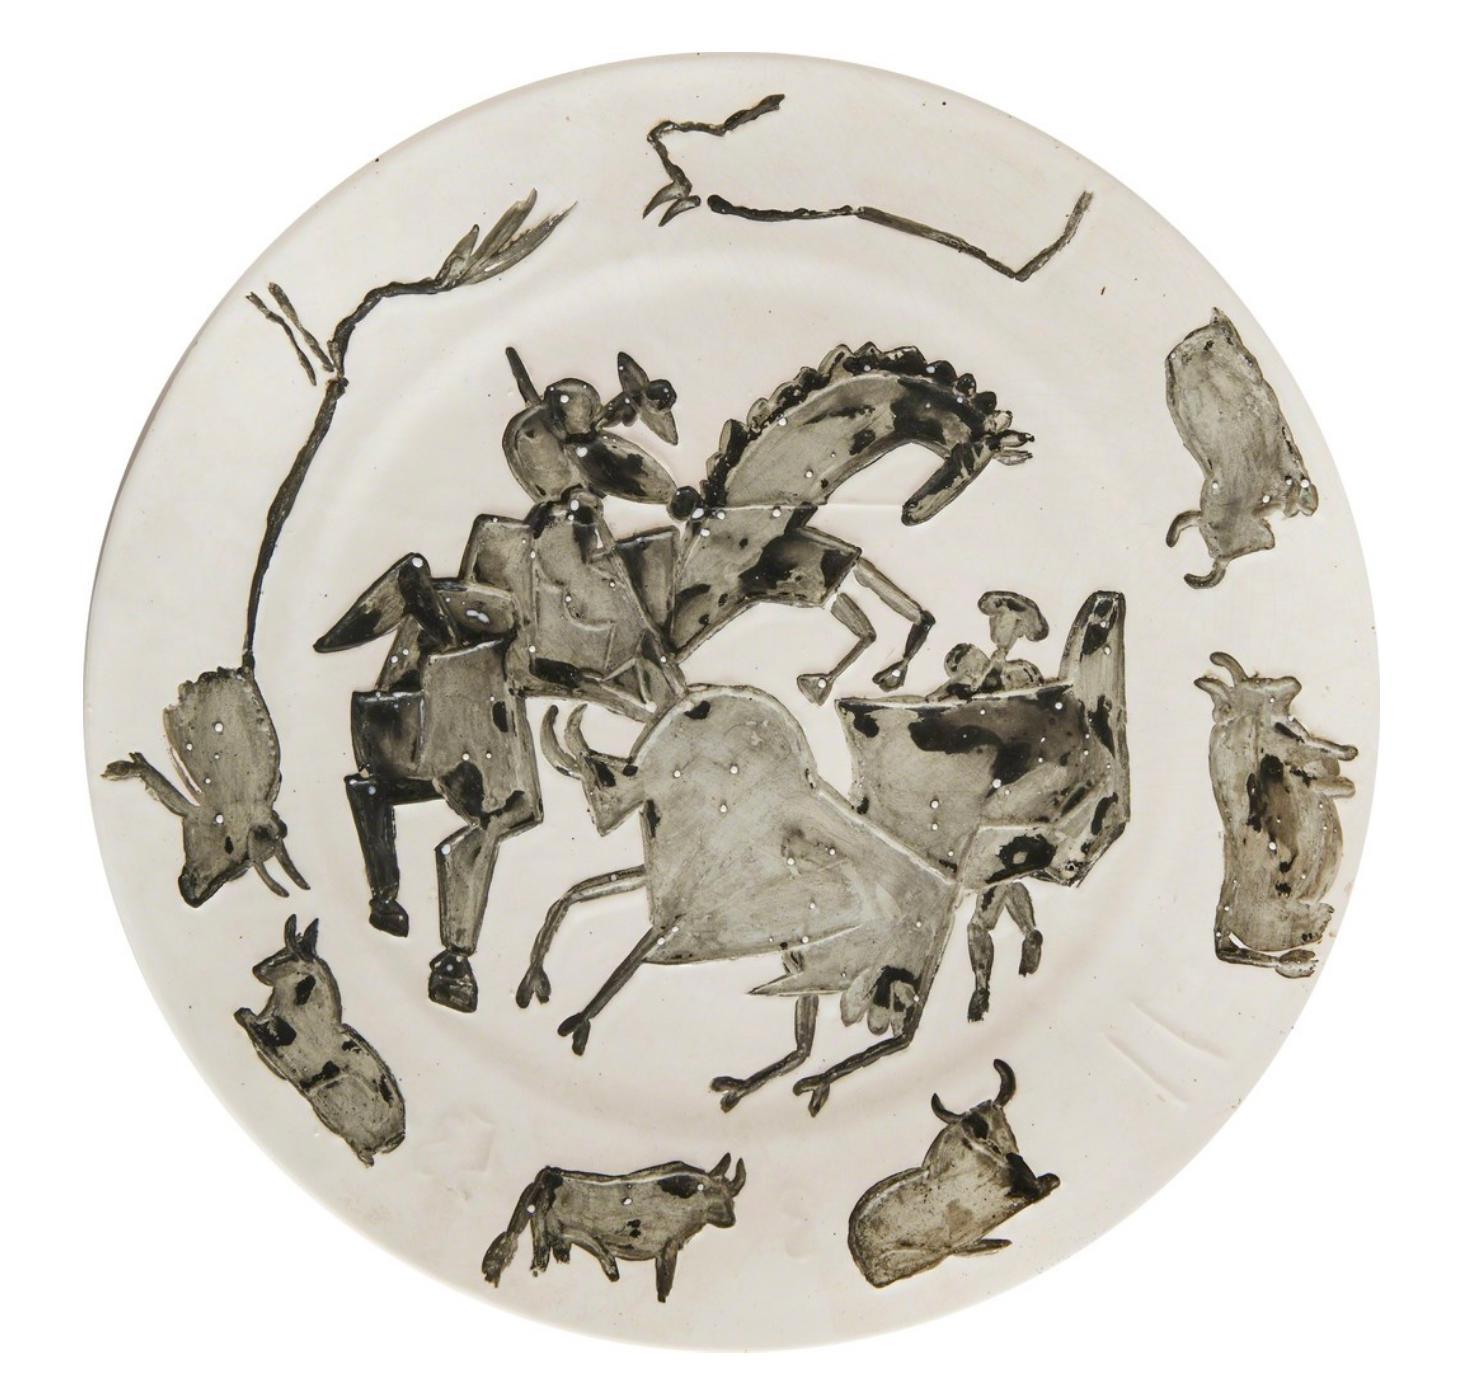 Corrida, Pablo Picasso, 1950's, Ceramic, Earthenware, Decorative Art, Design